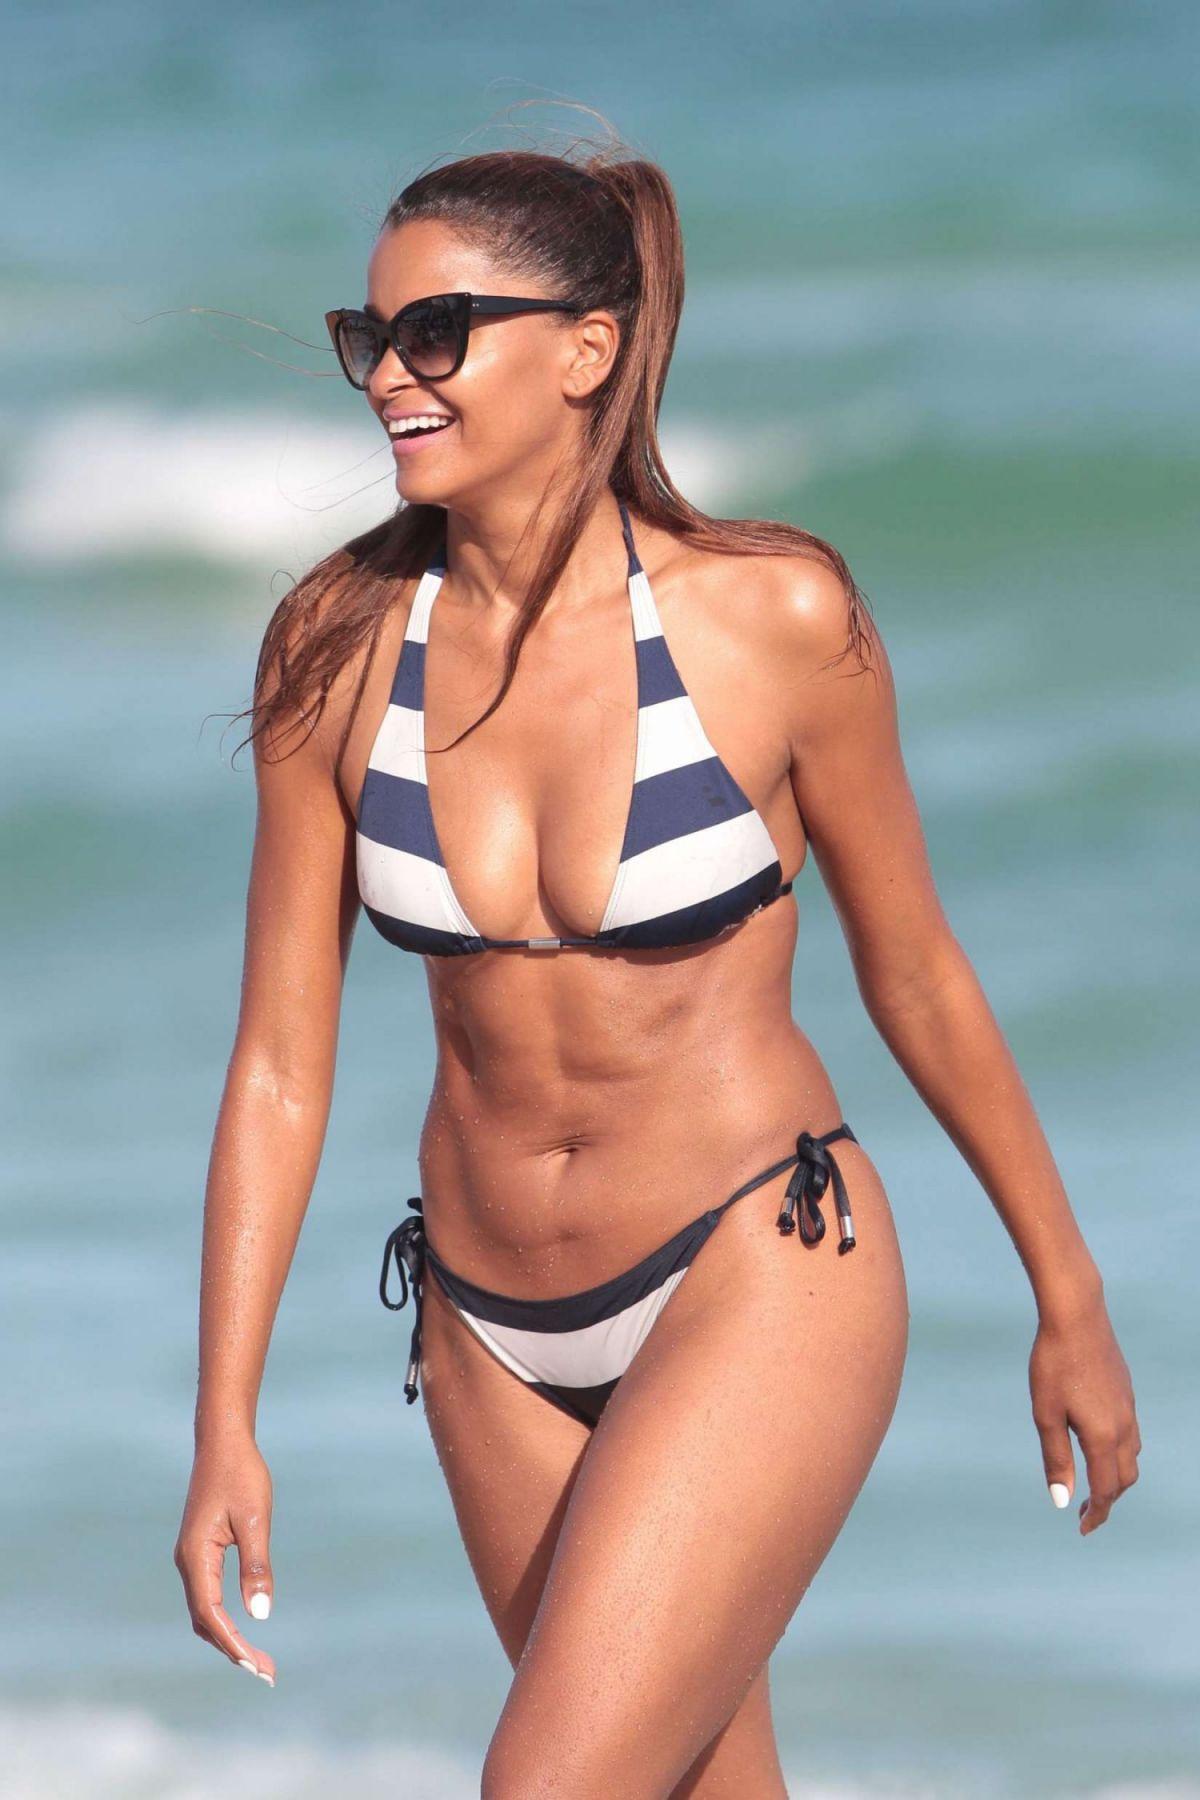 bikinis Celbrities in